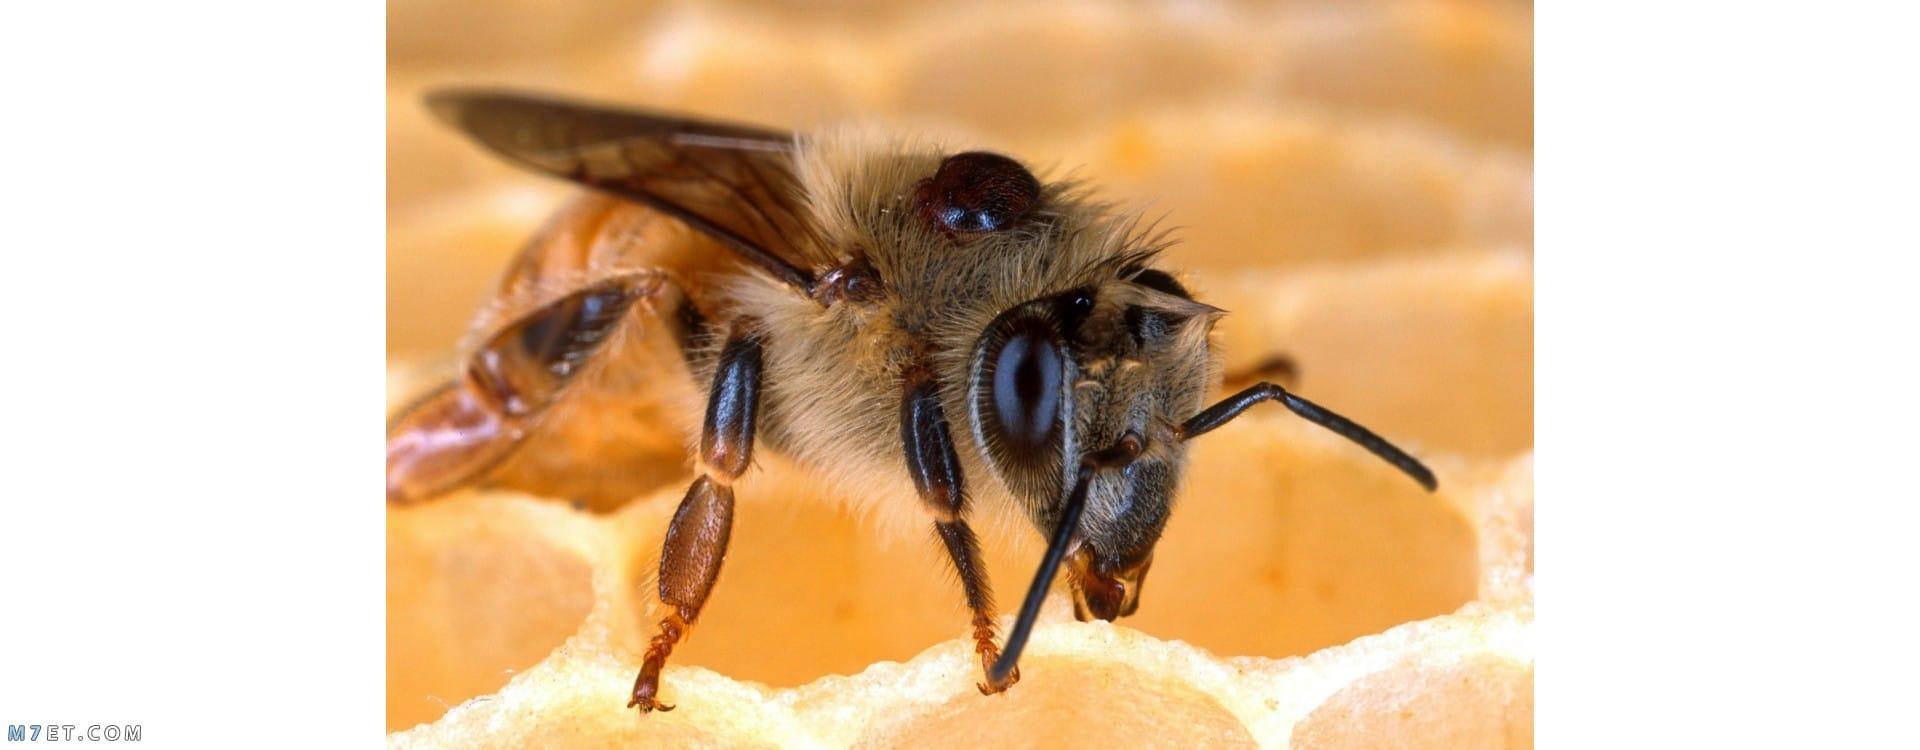 استخدام الزيوت للتخلص من النحل